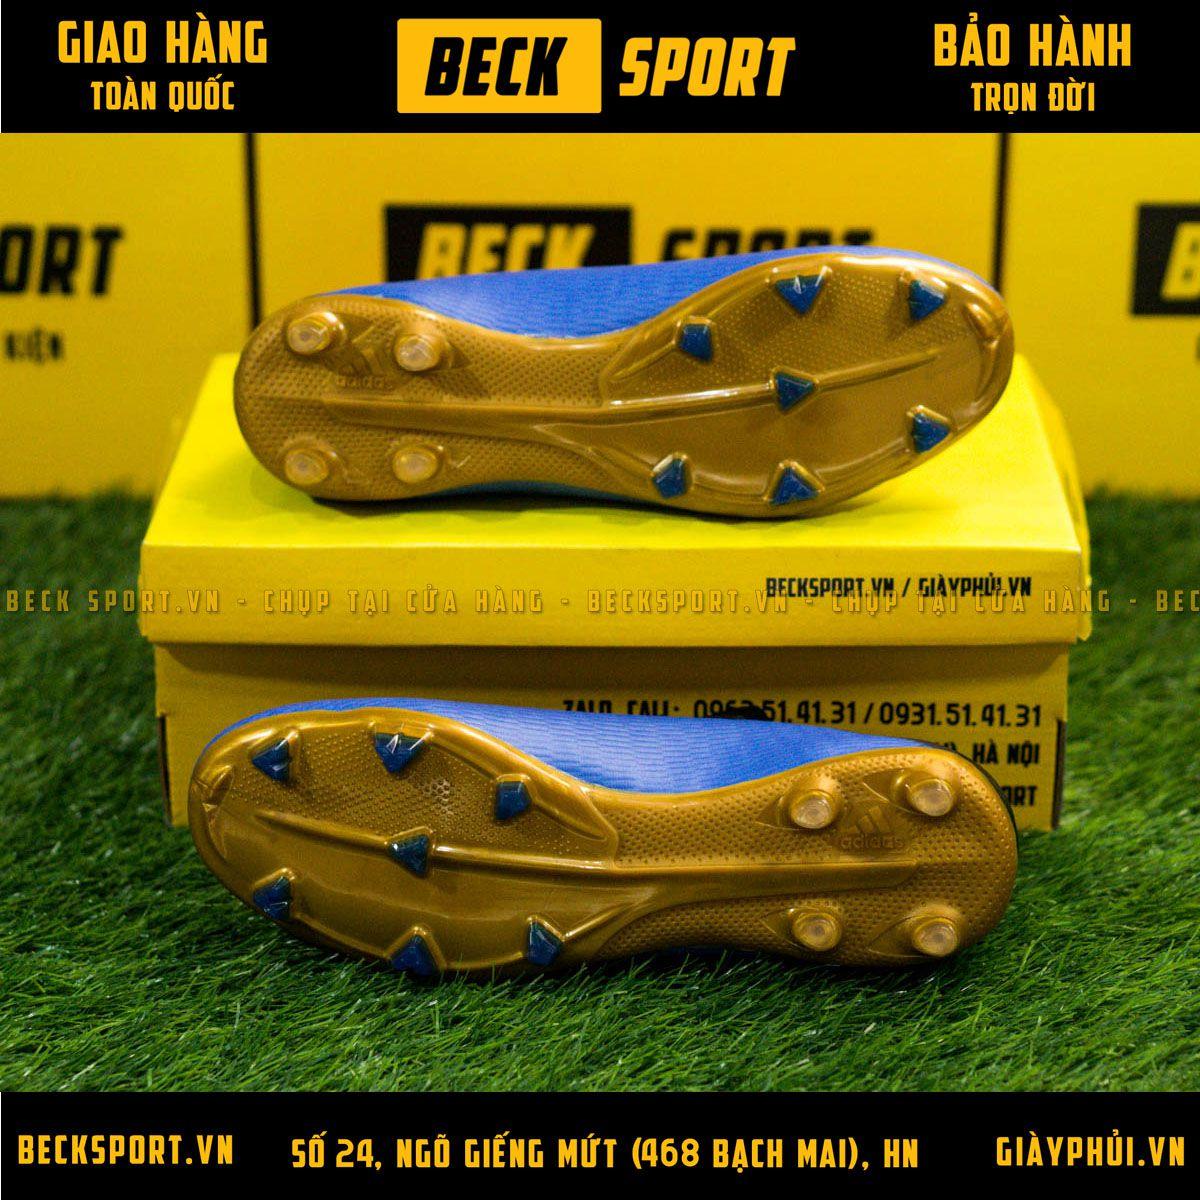 Giày Bóng Đá Adidas X 19.3 Xanh Biển Vạch Đồng FG